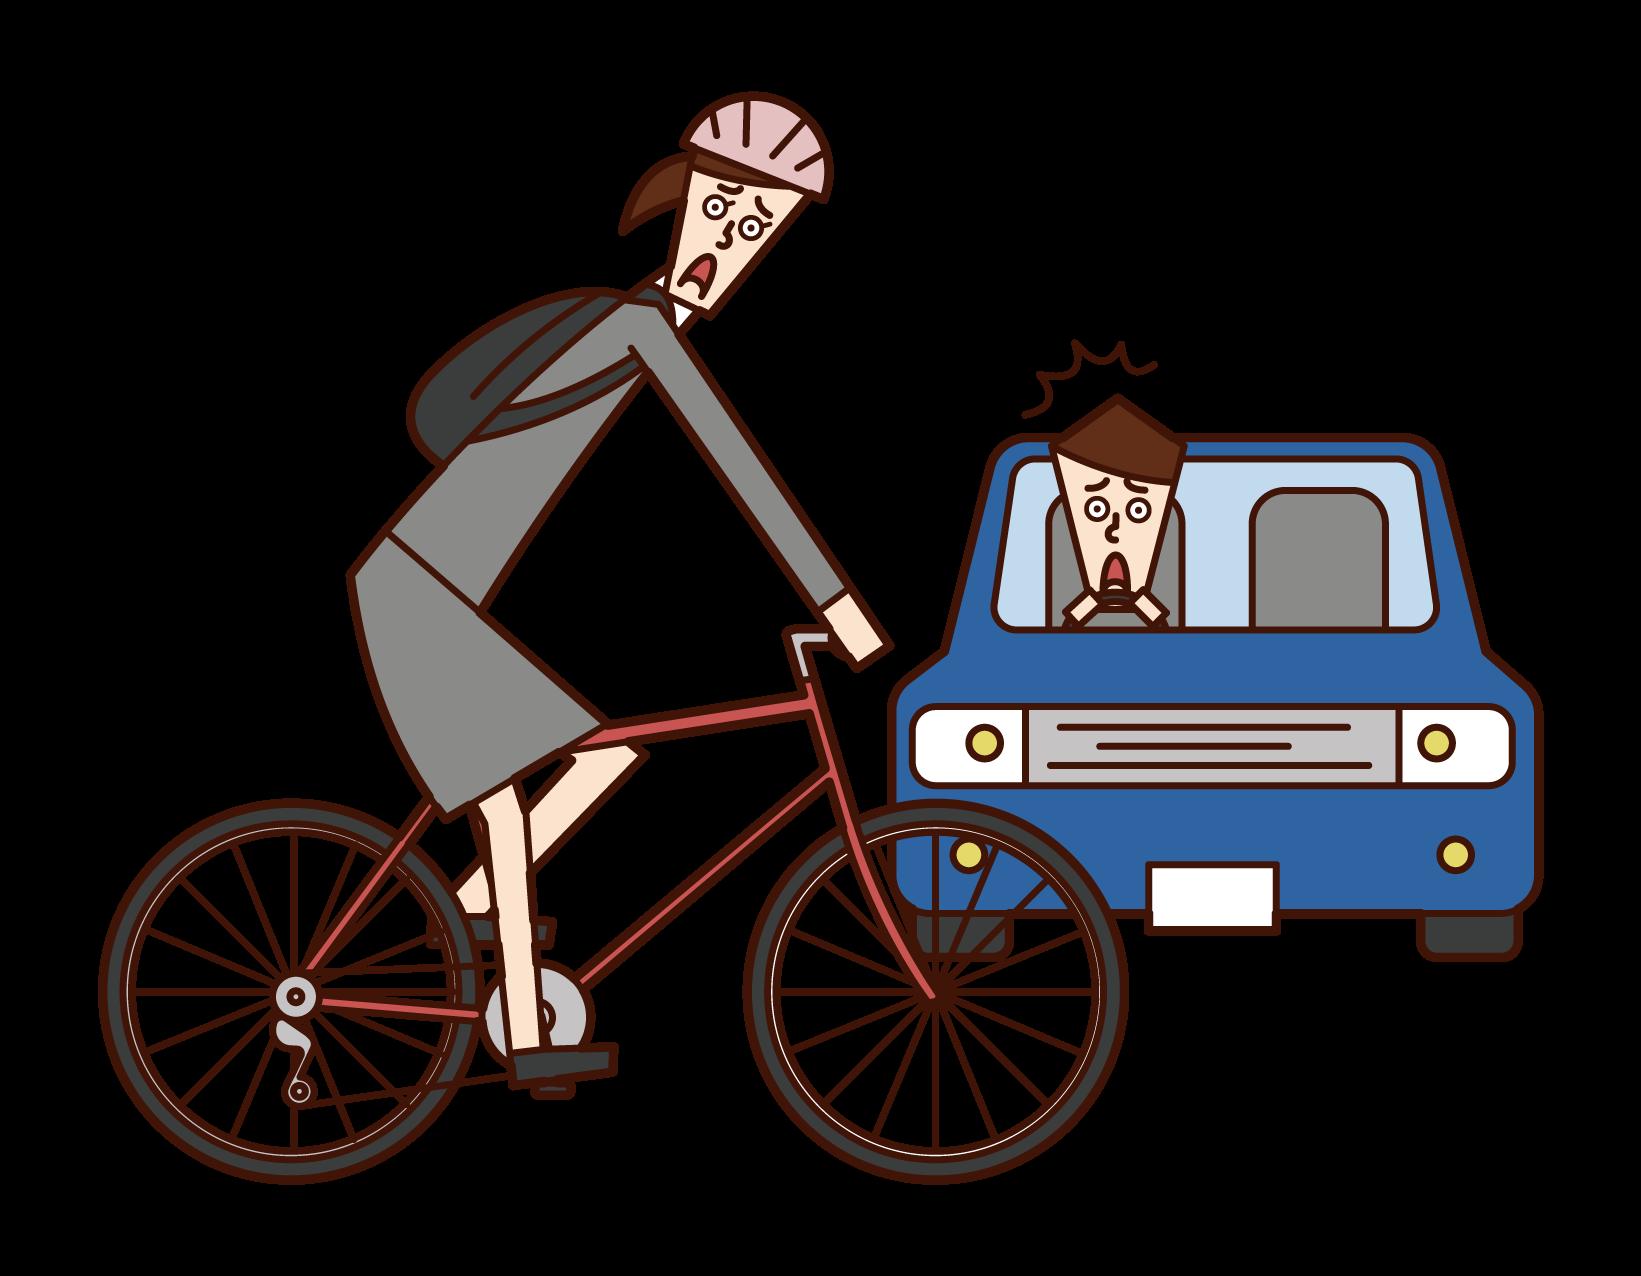 자전거 및 자동차 교통 사고 일러스트